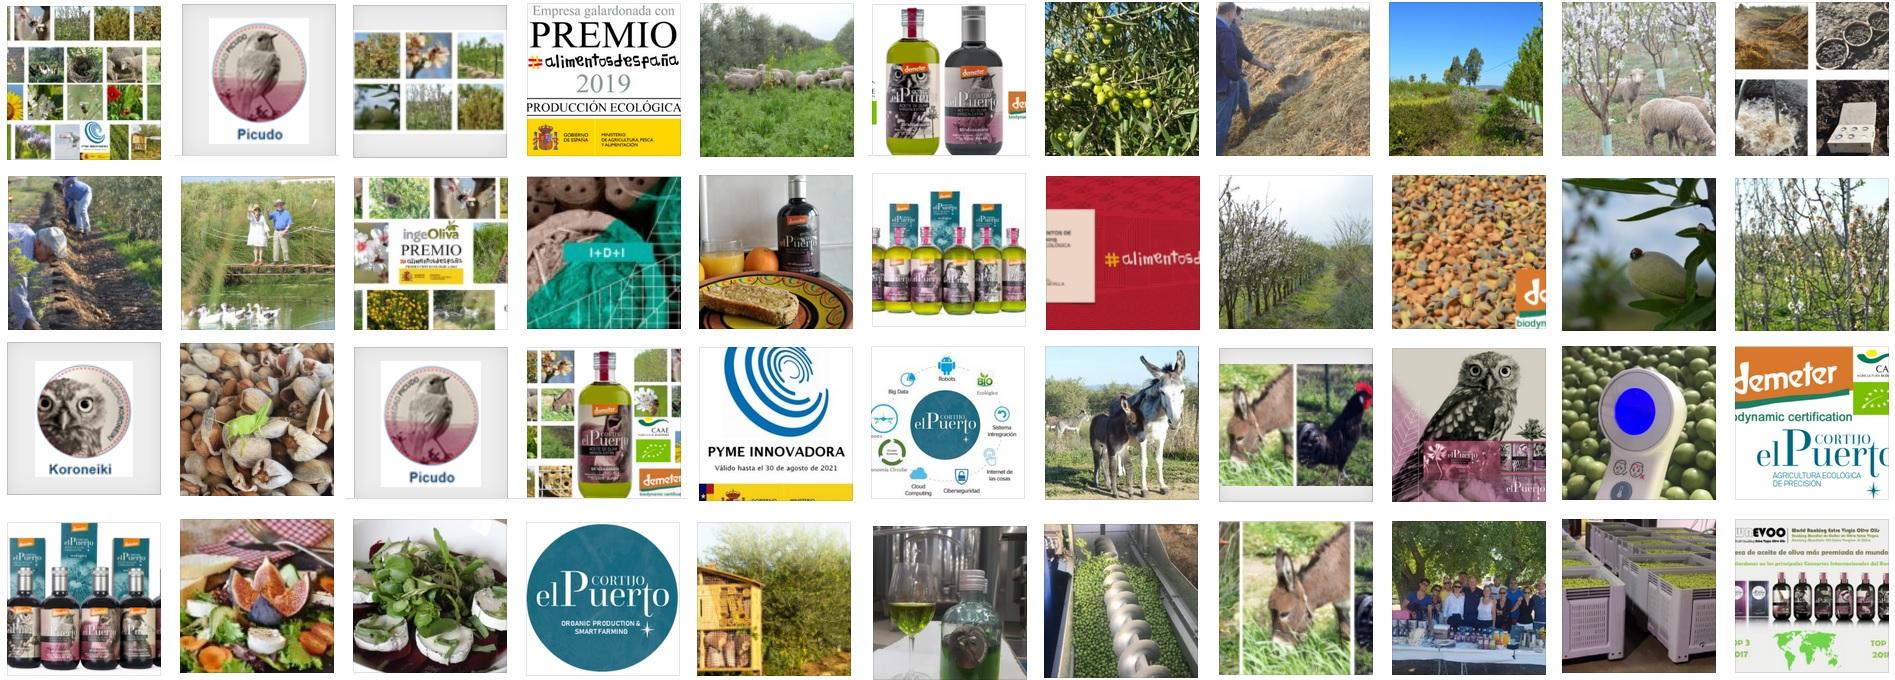 AOVE ecologico biodinamico Cortijo el Puerto Organic Farm